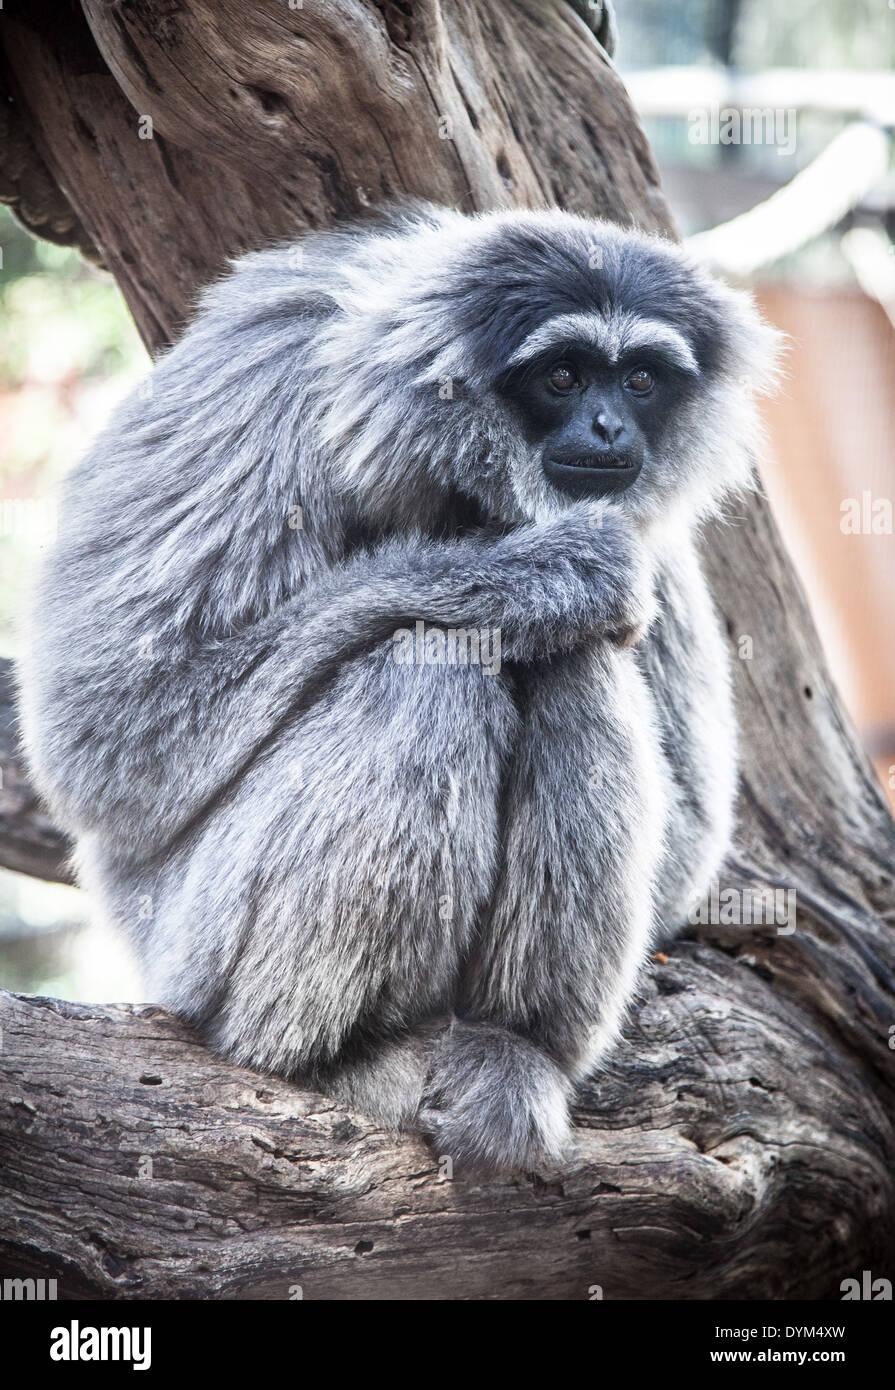 Un aspecto alicaído Gibón plateado en un zoológico Foto de stock